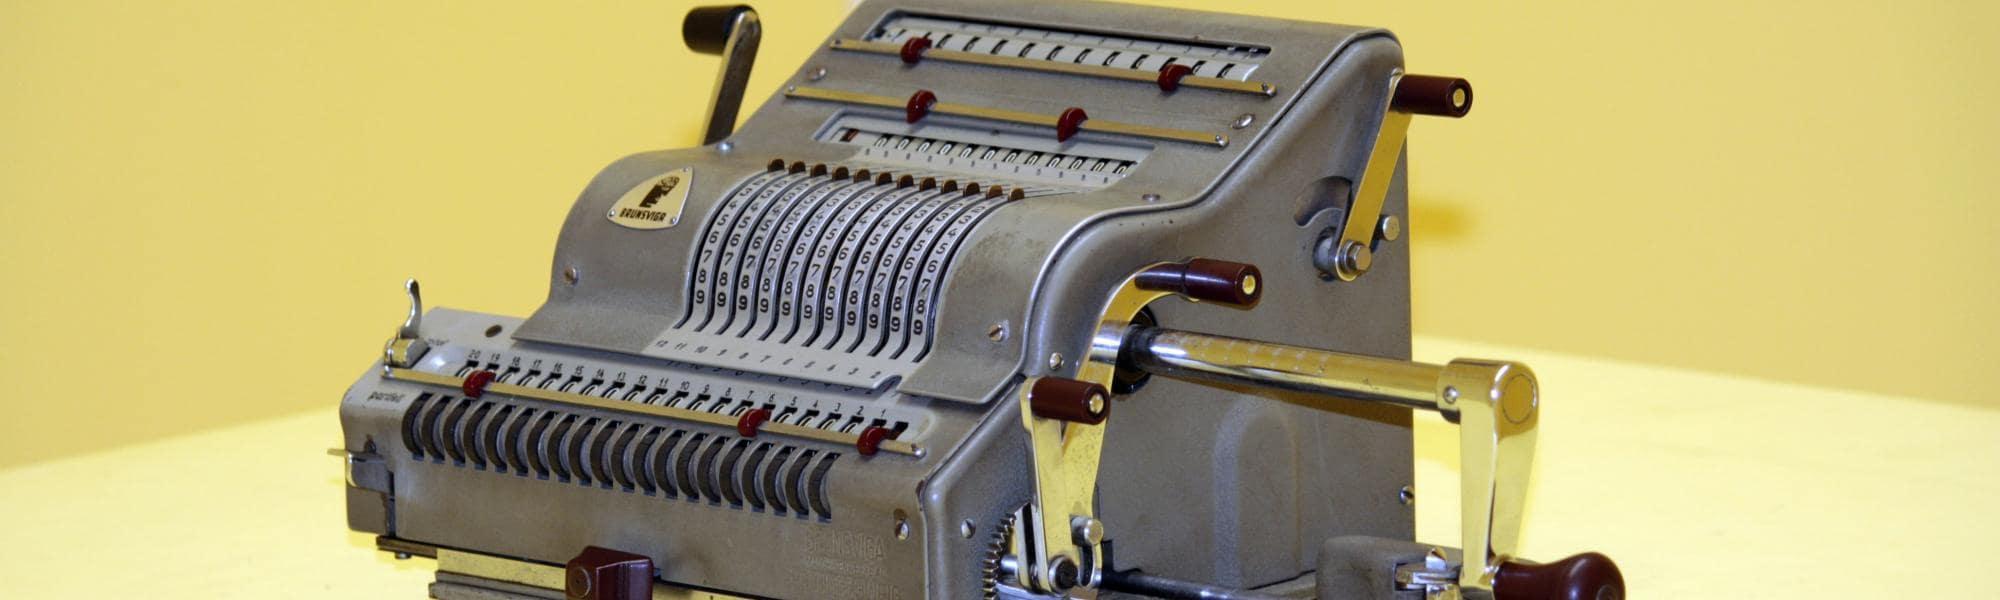 Particolare museo degli Strumenti per il Calcolo (Museo degli strumenti per il Calcolo)